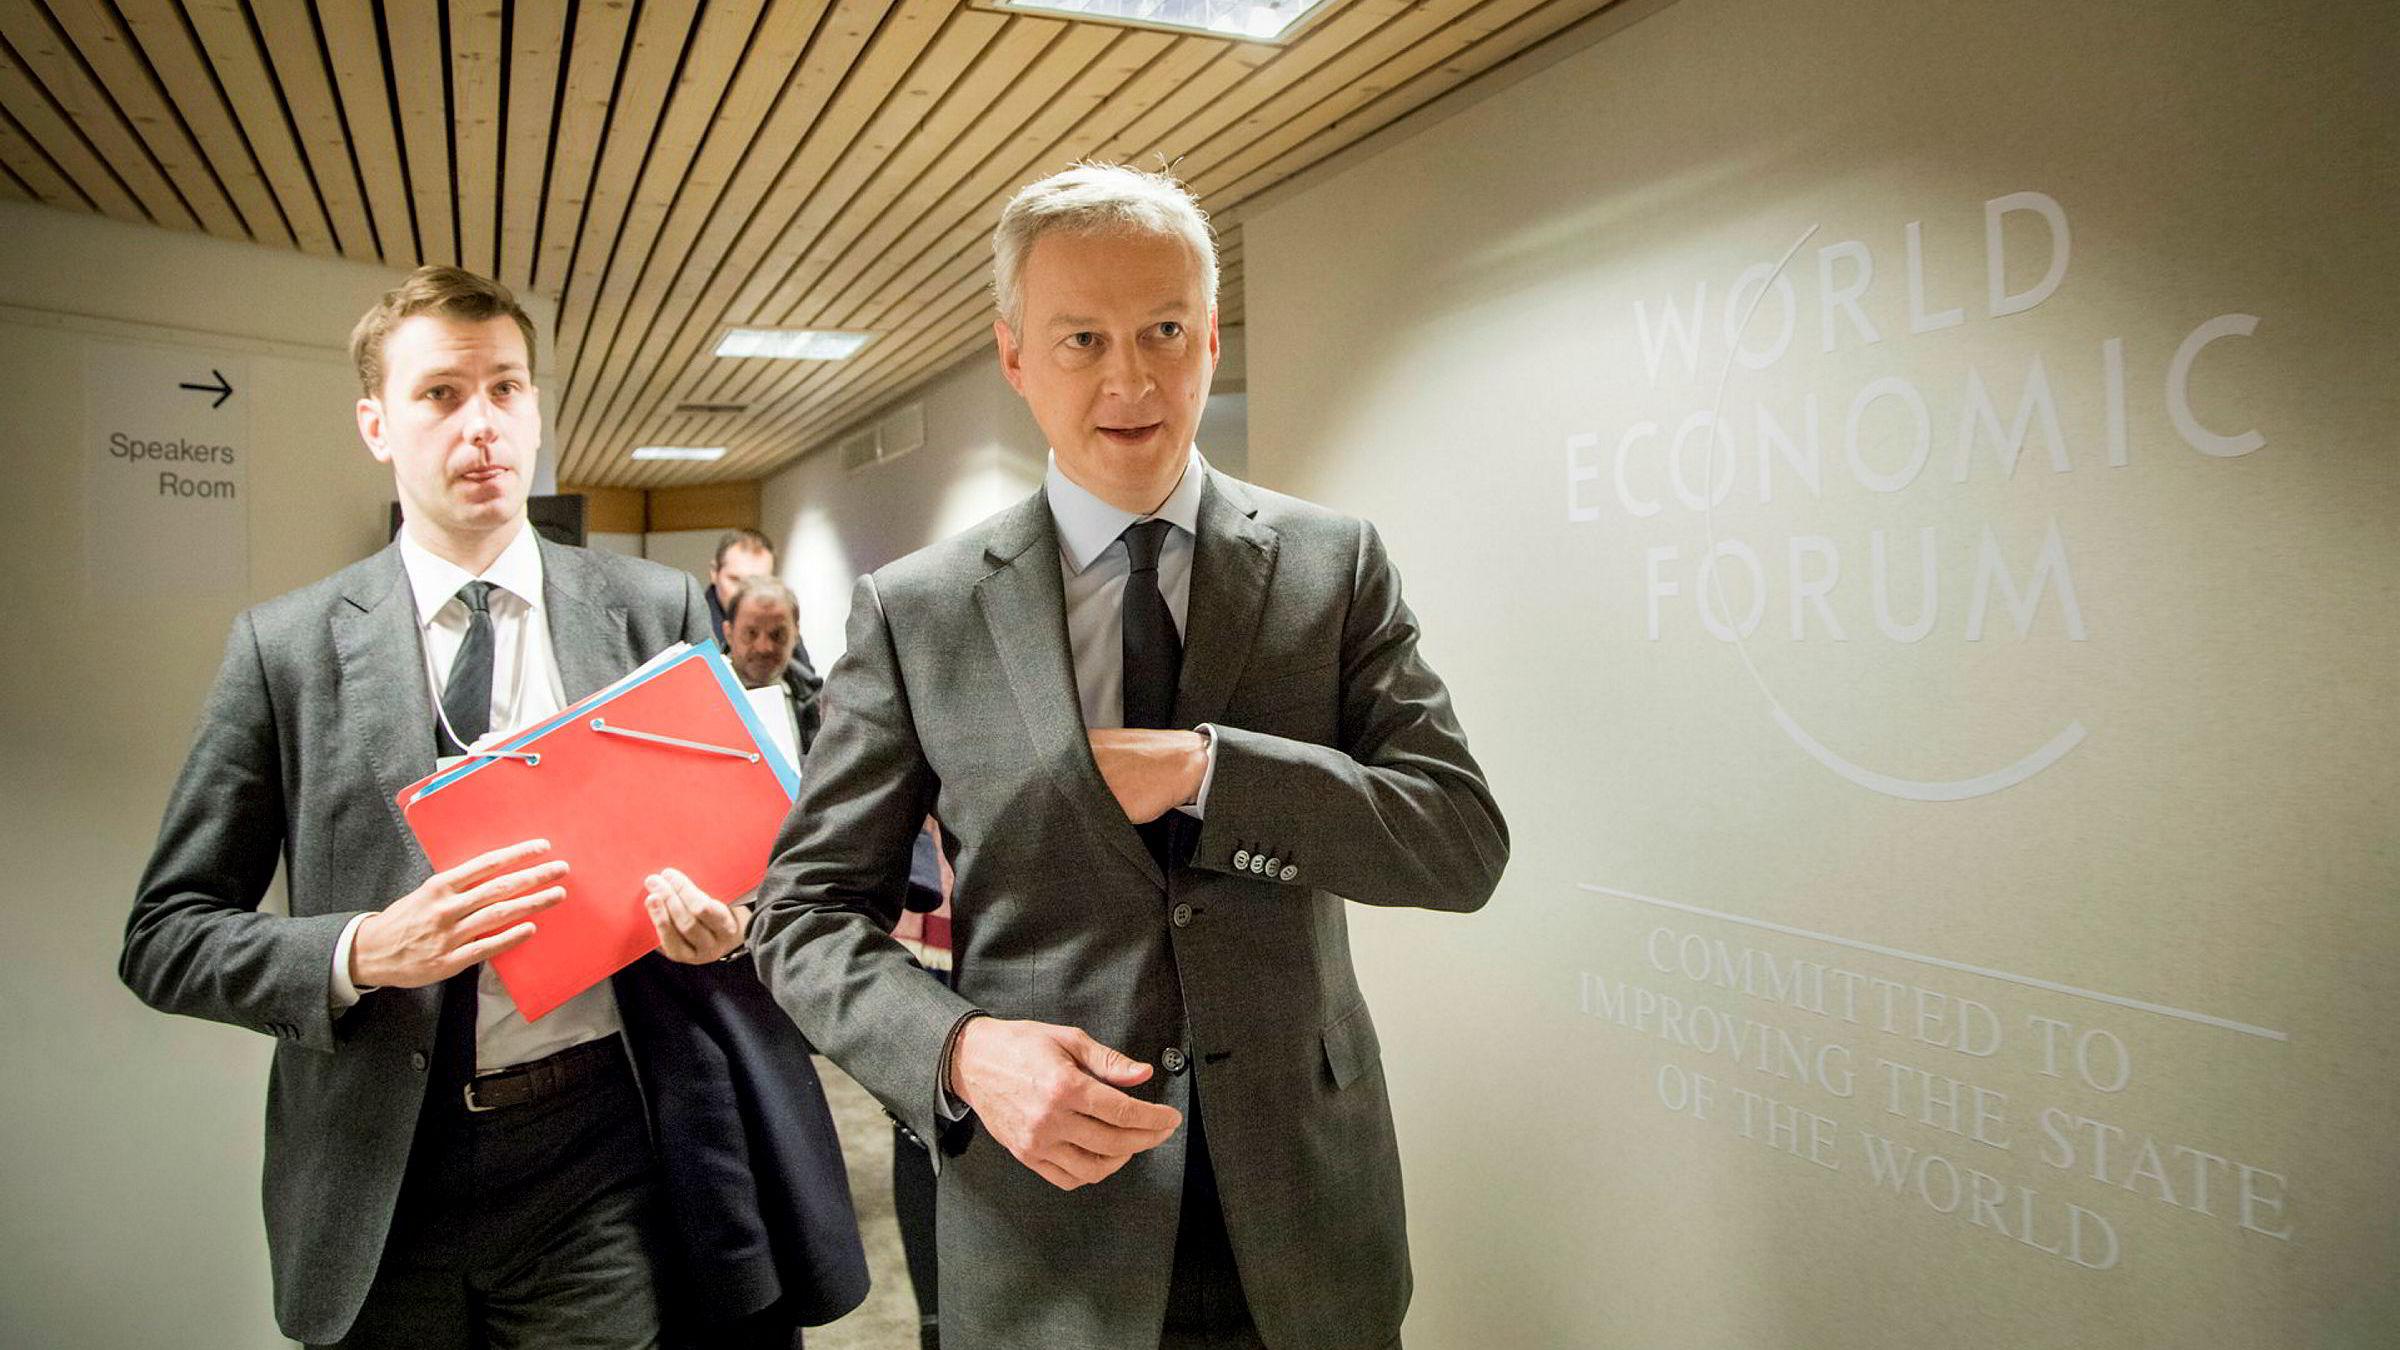 – Vi kan ikke lenger ha et skattesystem der de selskapene som tjener mest, betaler minst skatt, sier Frankrikes finansministeren Bruno Le Maire, som deltar på World Economic Forum i Davos.